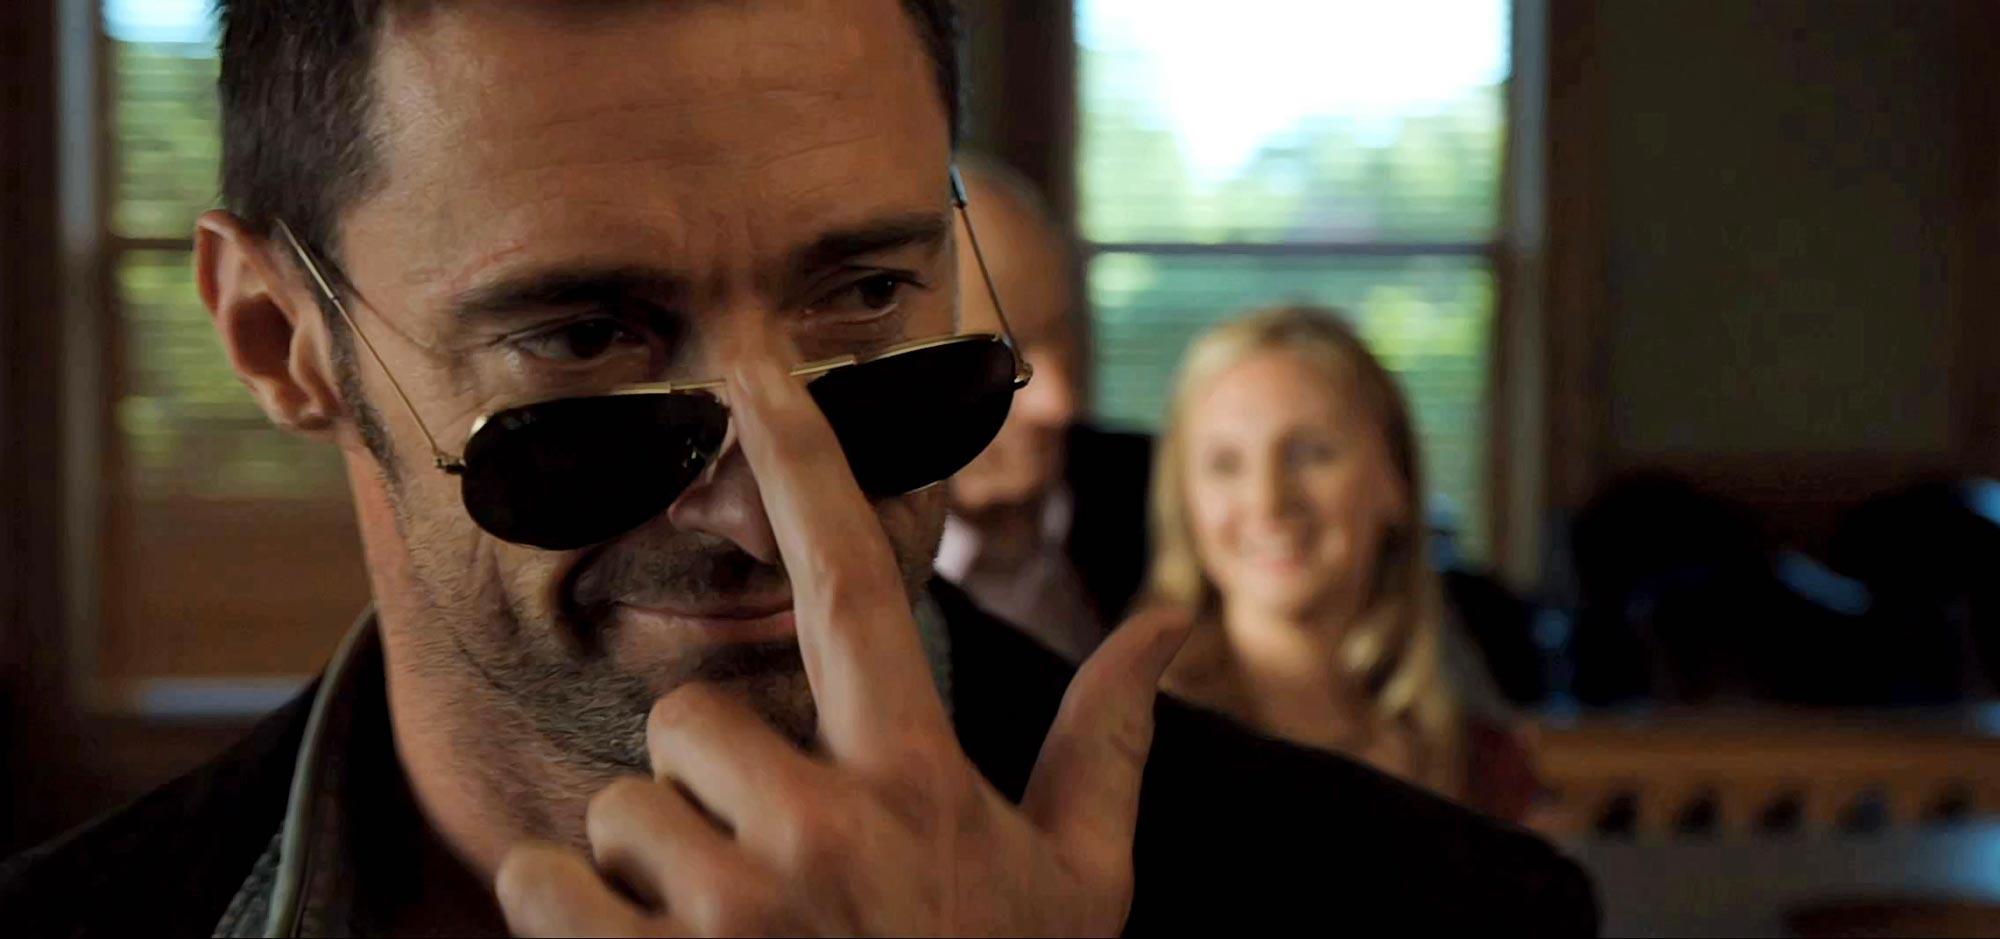 Hugh Jackman as Charlie Kenton in Real Steel